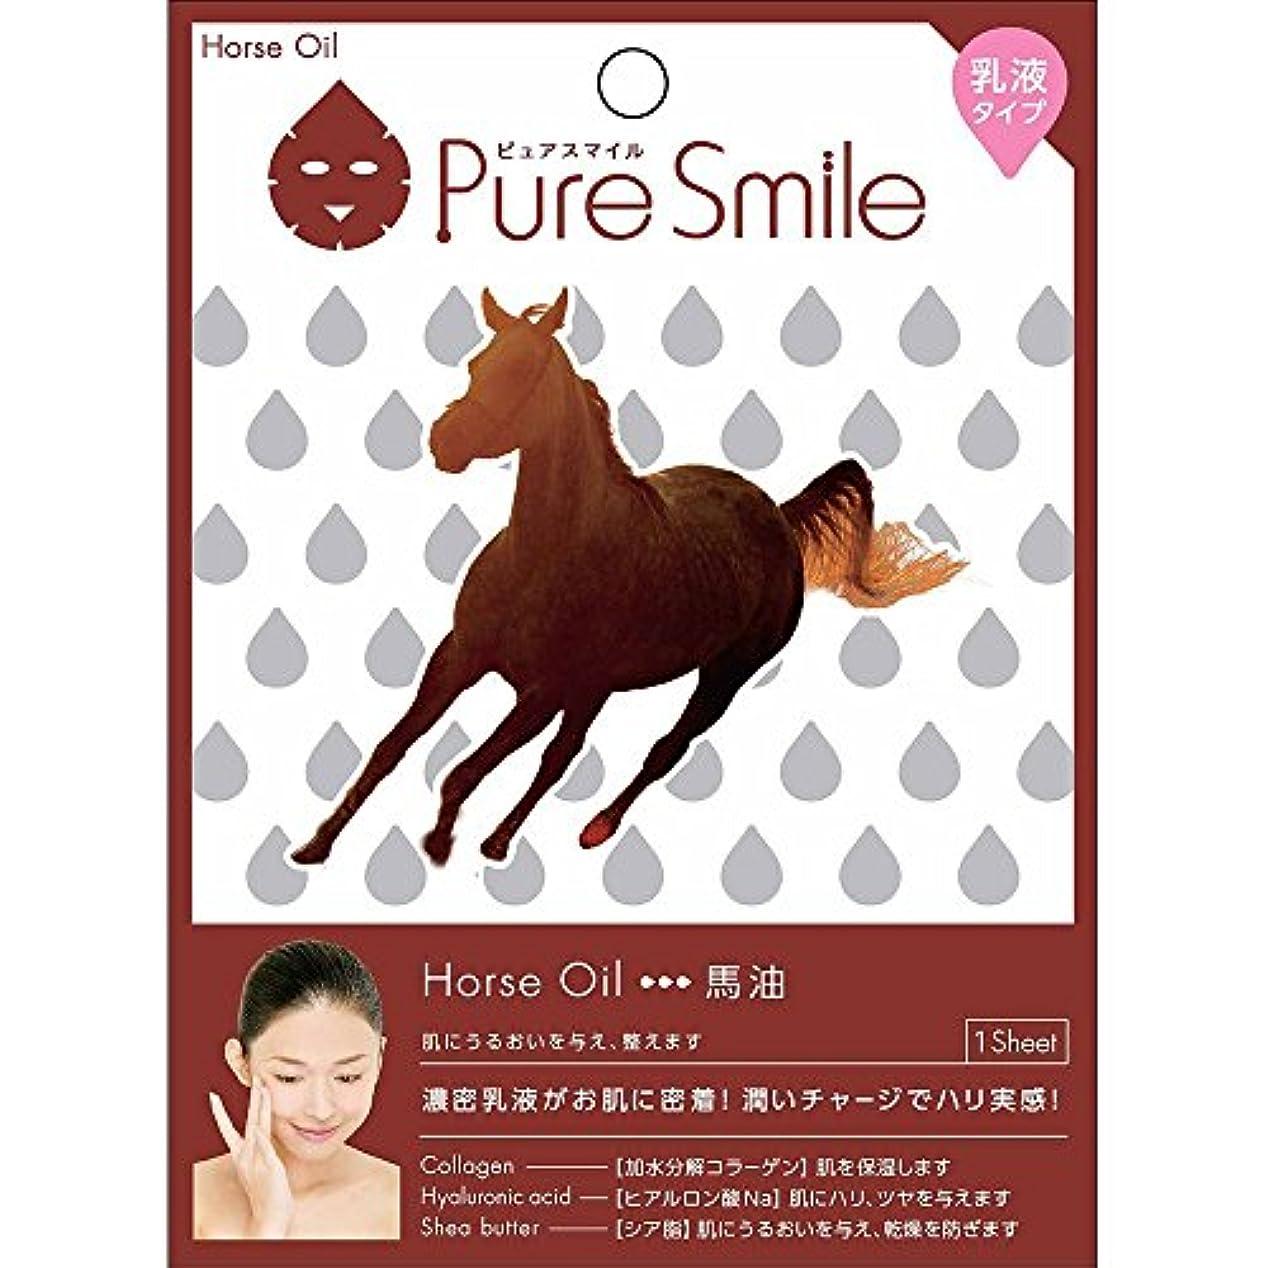 男中間水銀のPure Smile/ピュアスマイル 乳液 エッセンス/フェイスマスク 『Horse oil/馬油』